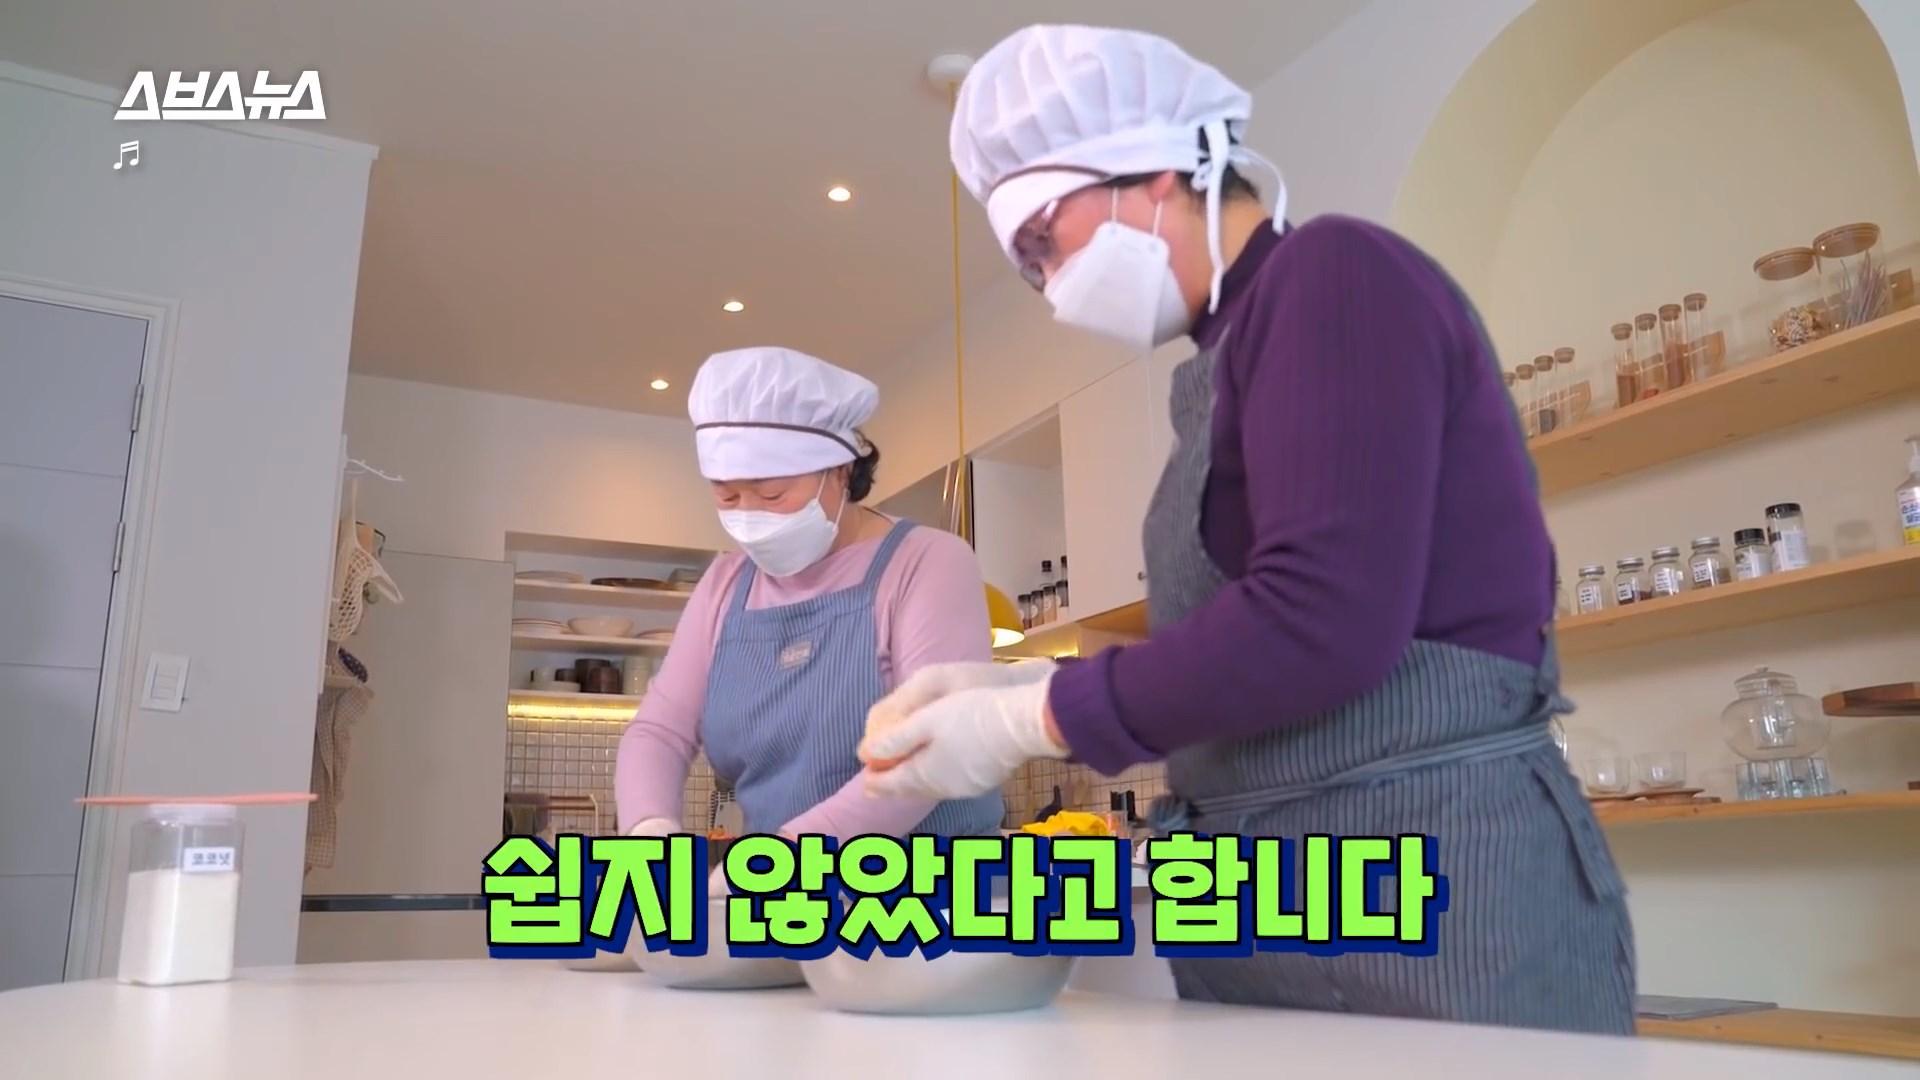 손주 간식 만들던 할머니들이 갖게 된 새 직업